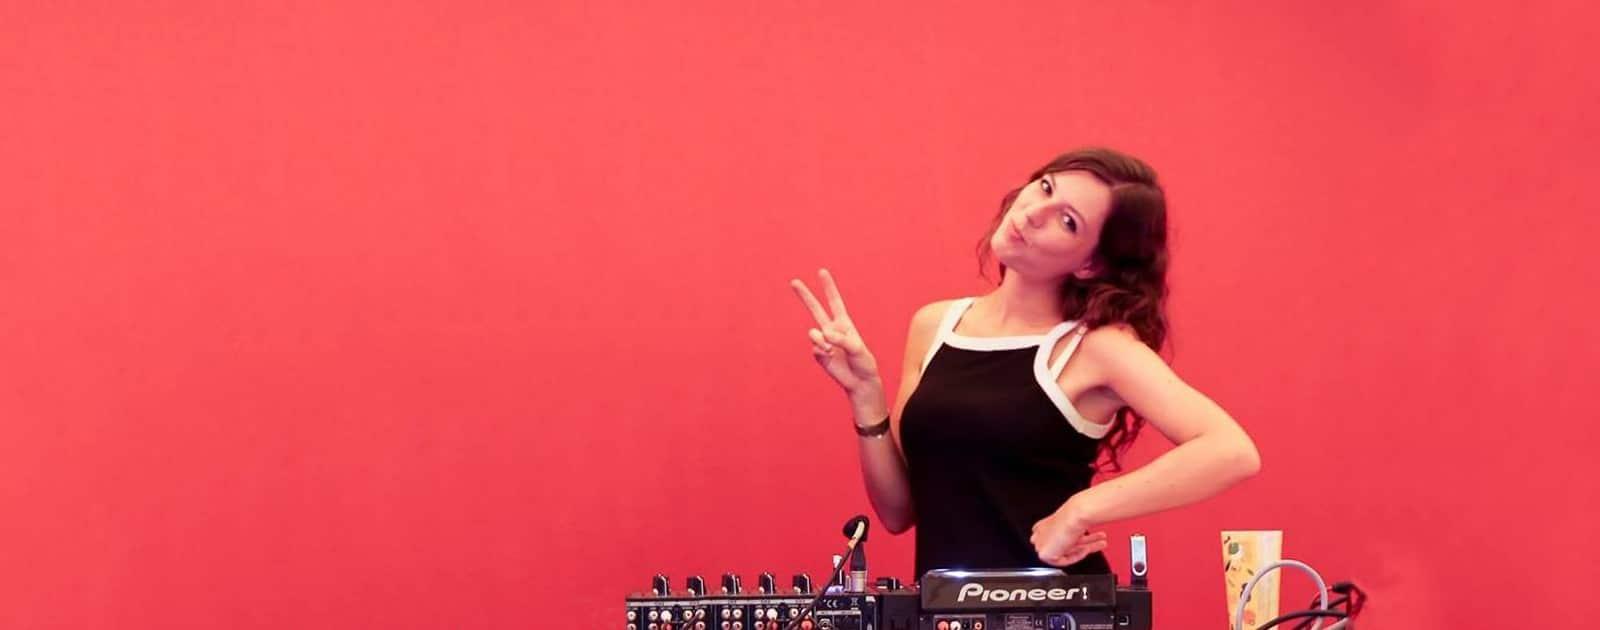 Mix féministe en musique par Carole Boinet